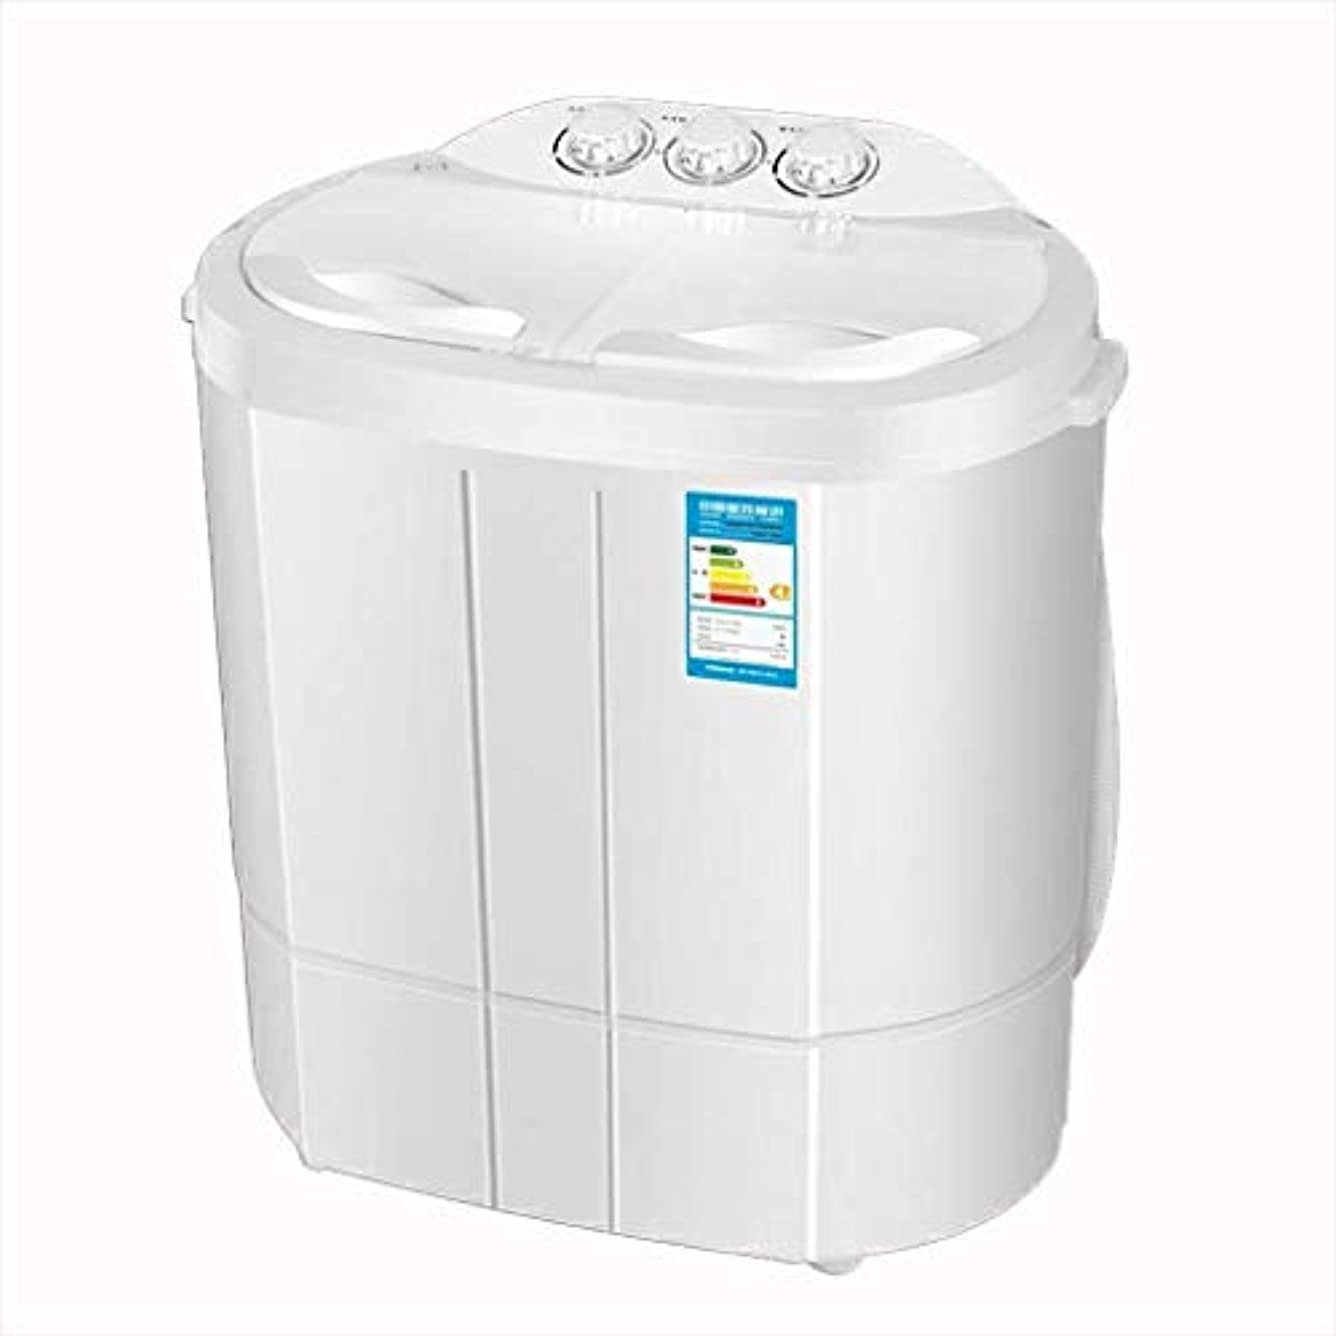 運営ゲインセイりドラム洗濯機/ミニ洗濯機、スモールダブルバレル子供の家庭用洗濯機、半自動ポータブル洗濯機30秒間乾燥、ベビー服のための適切な(555 * 375 * 590ミリメートル) /コンパクトミニ洗濯機